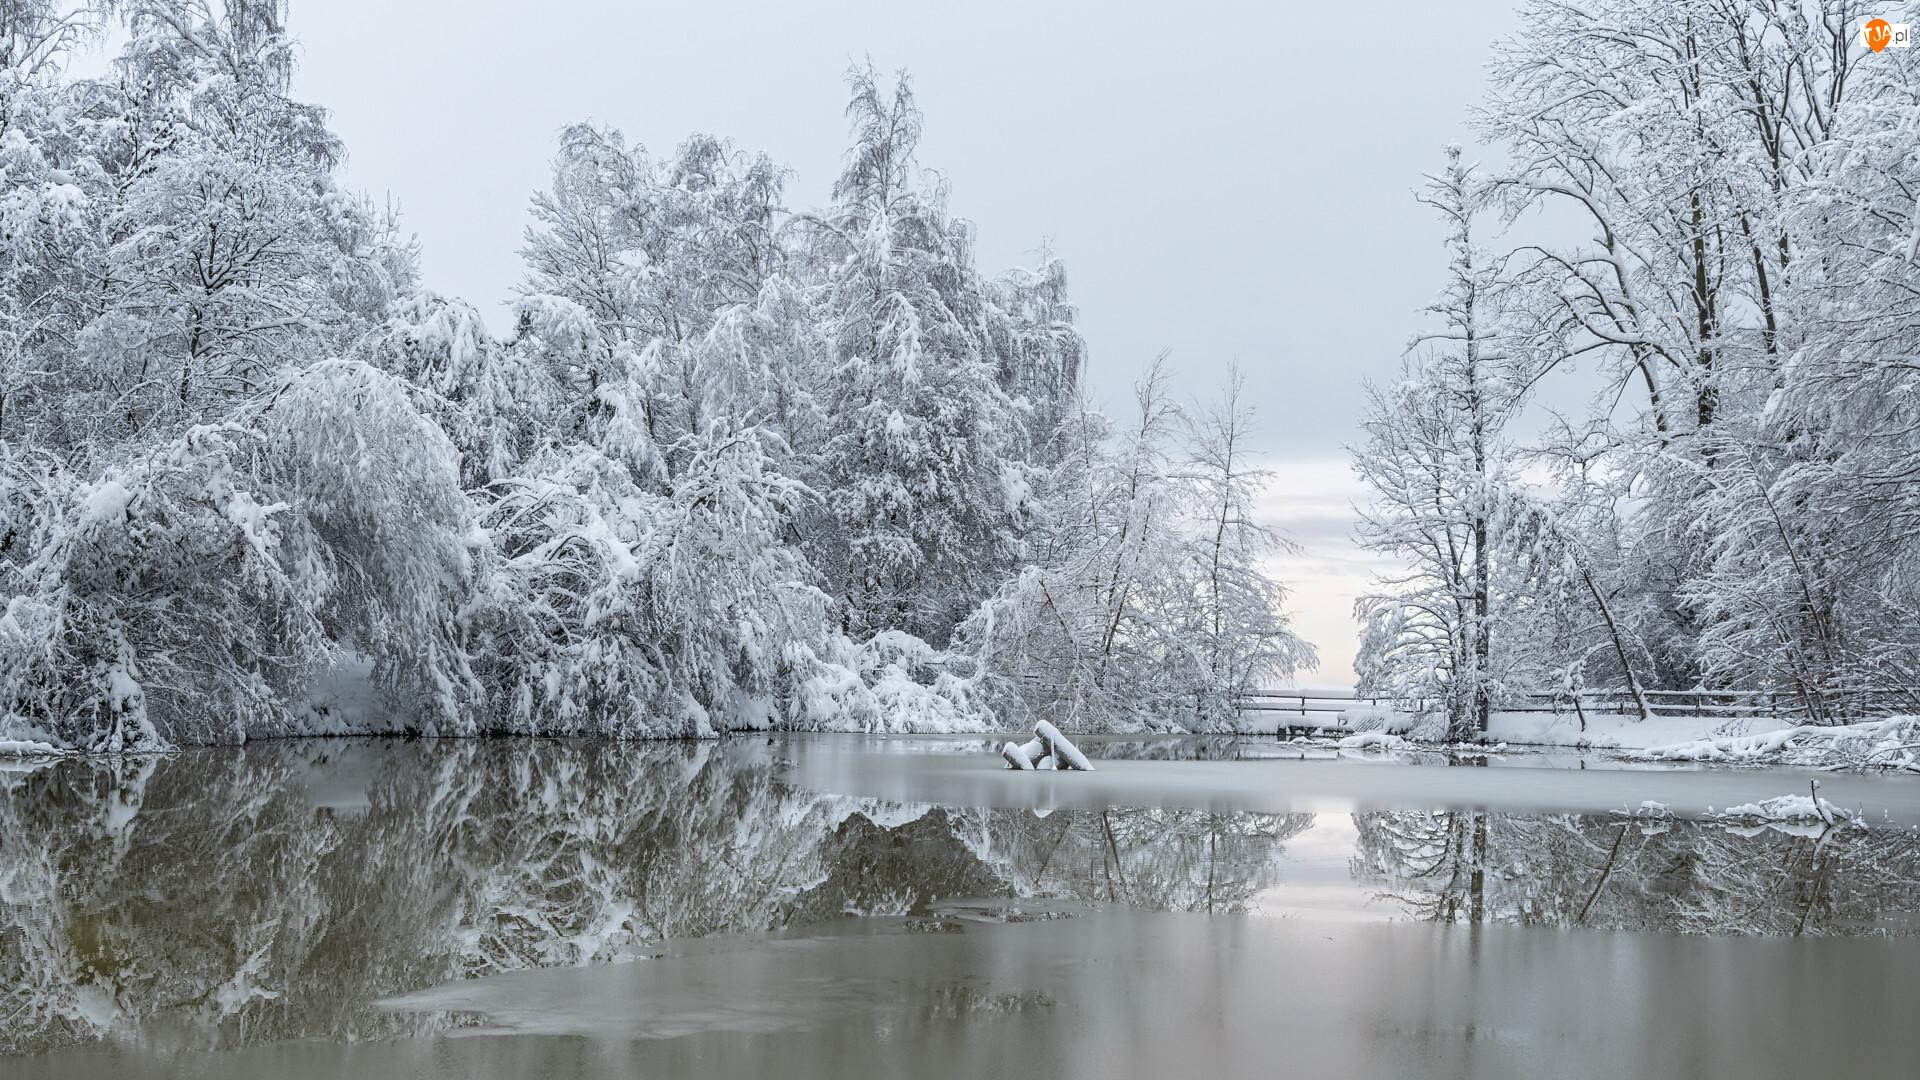 Ośnieżone, Las, Rzeka, Zima, Drzewa